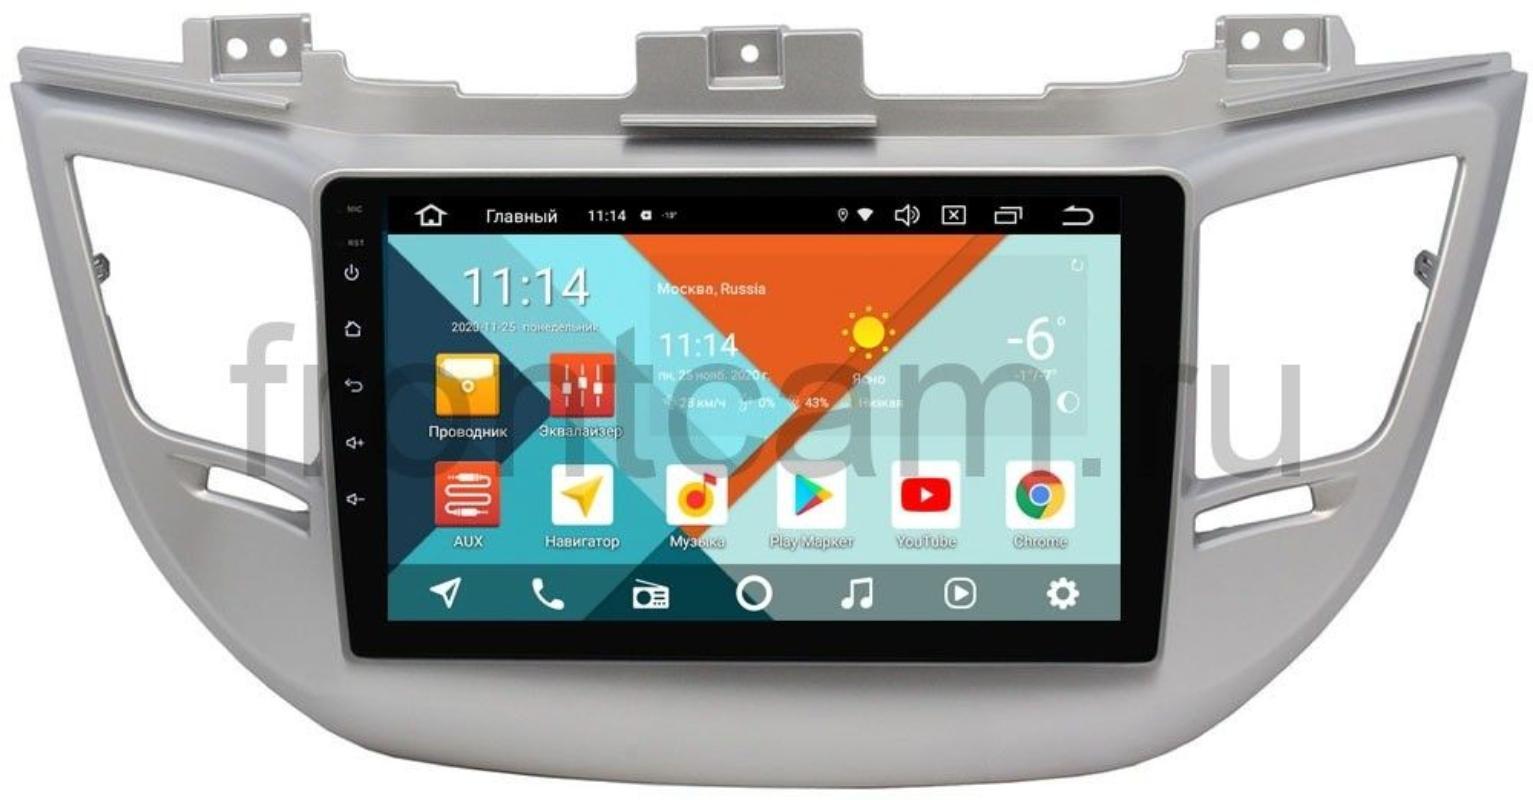 Штатная магнитола Wide Media KS9041QR-3/32 DSP CarPlay 4G-SIM для Hyundai Tucson III на Android 10 (для авто без камеры) (+ Камера заднего вида в подарок!)